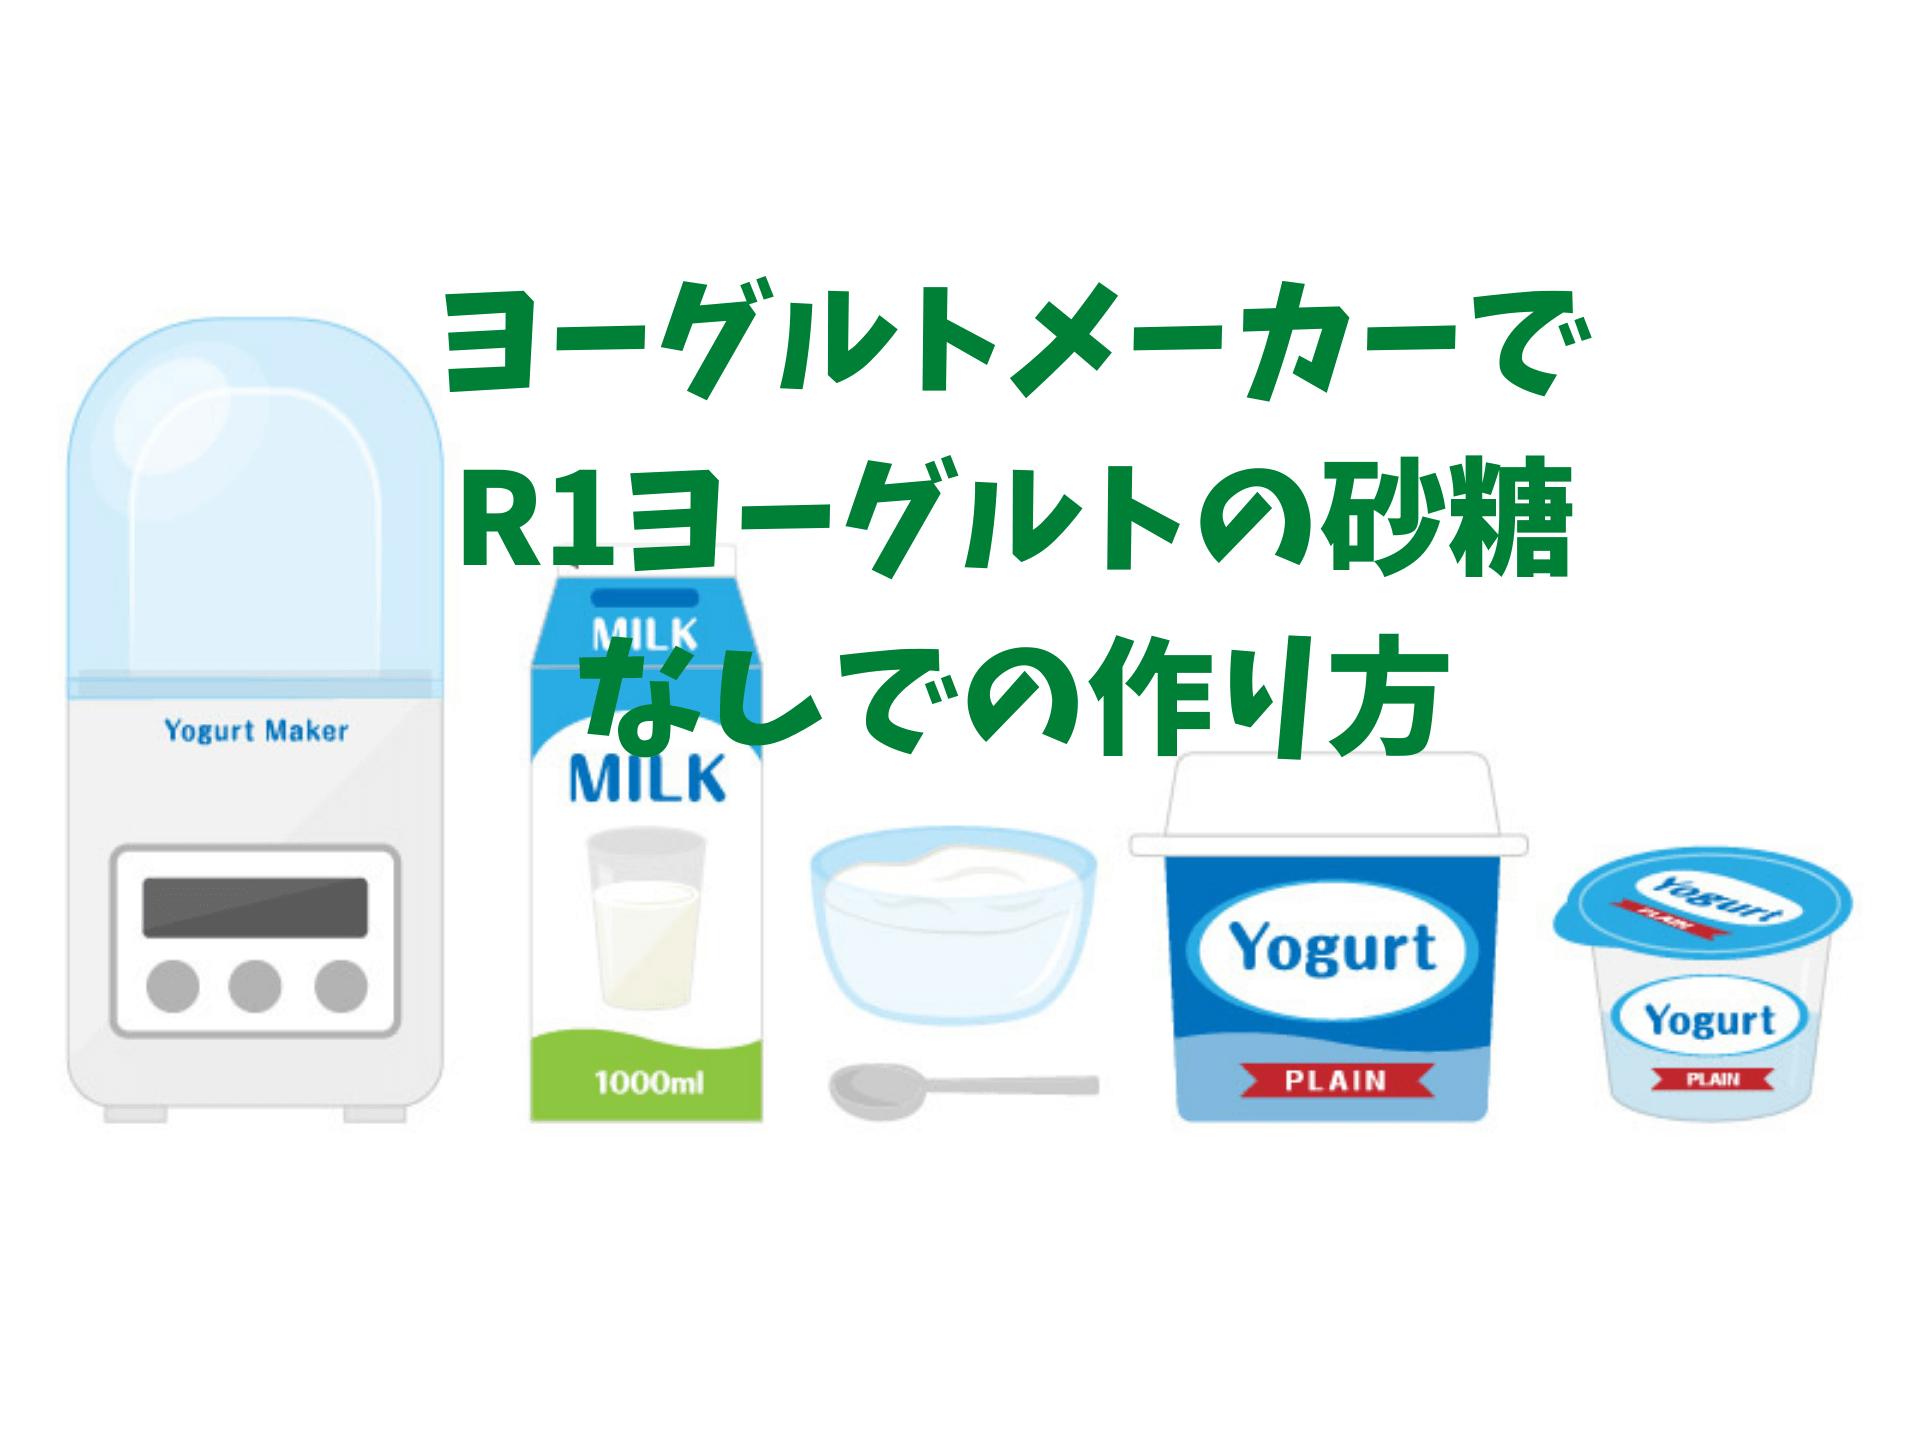 ヨーグルトメーカーでR1ヨーグルトの砂糖なしでの作り方 時間と温度が大事